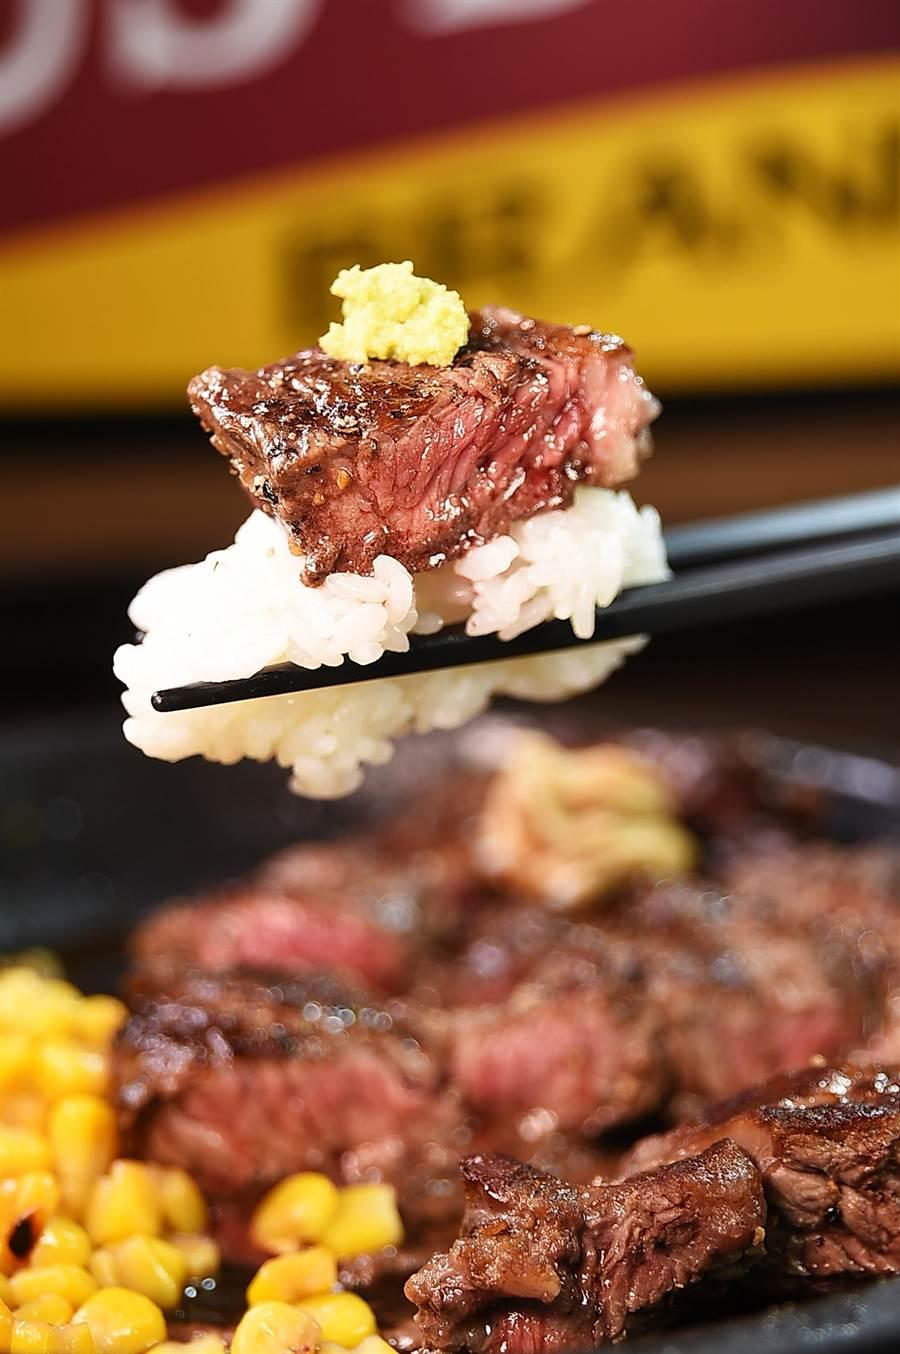 吃牛排配白飯,來自日本的〈Ikinari Steak〉提供外食族另類食趣。(圖/姚舜)